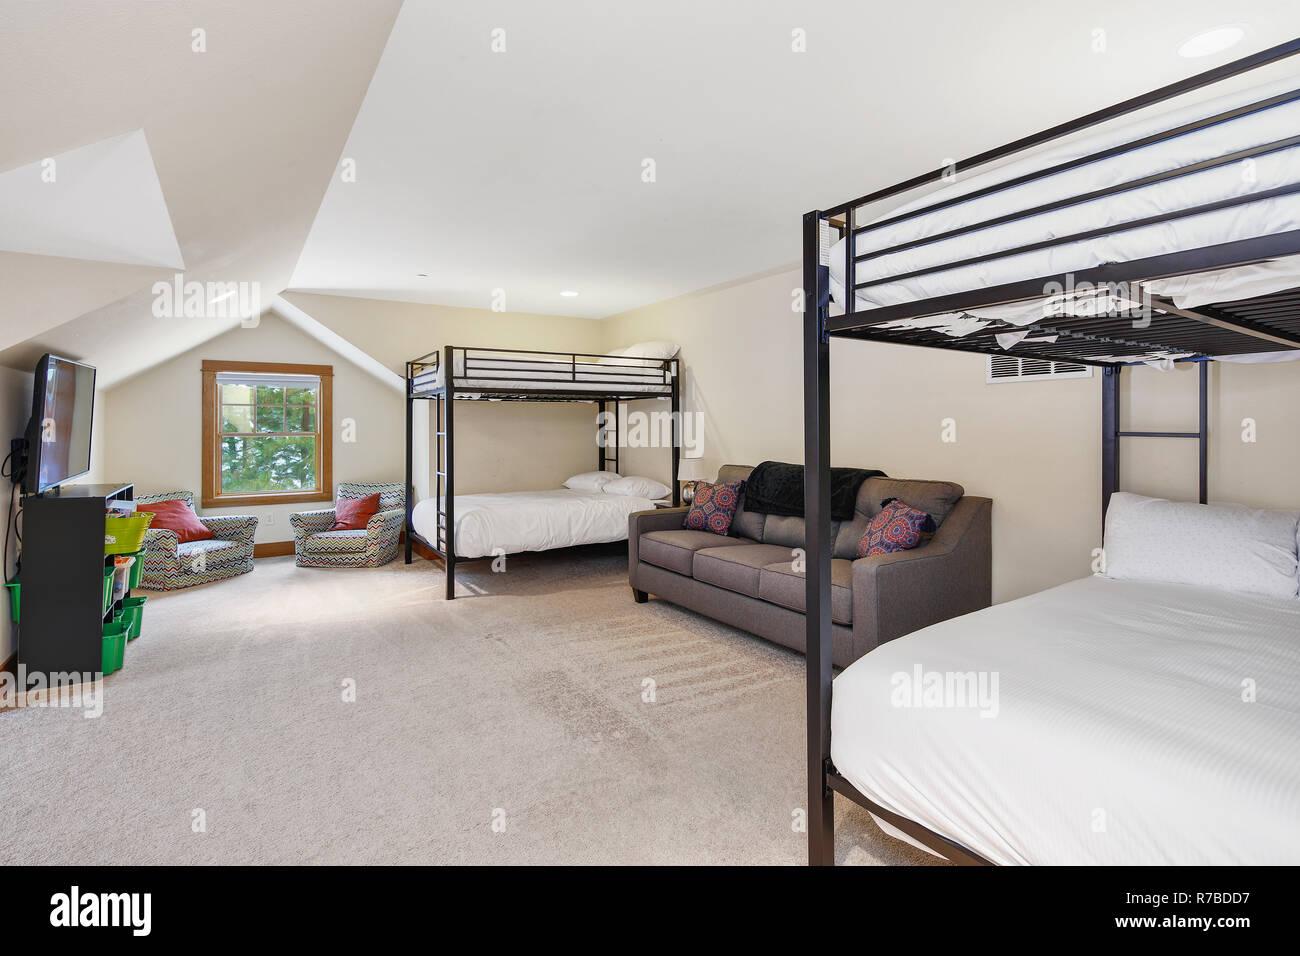 Blanc Et Gris Grenier Chambre Dortoir Avec Plafond Voûté Et